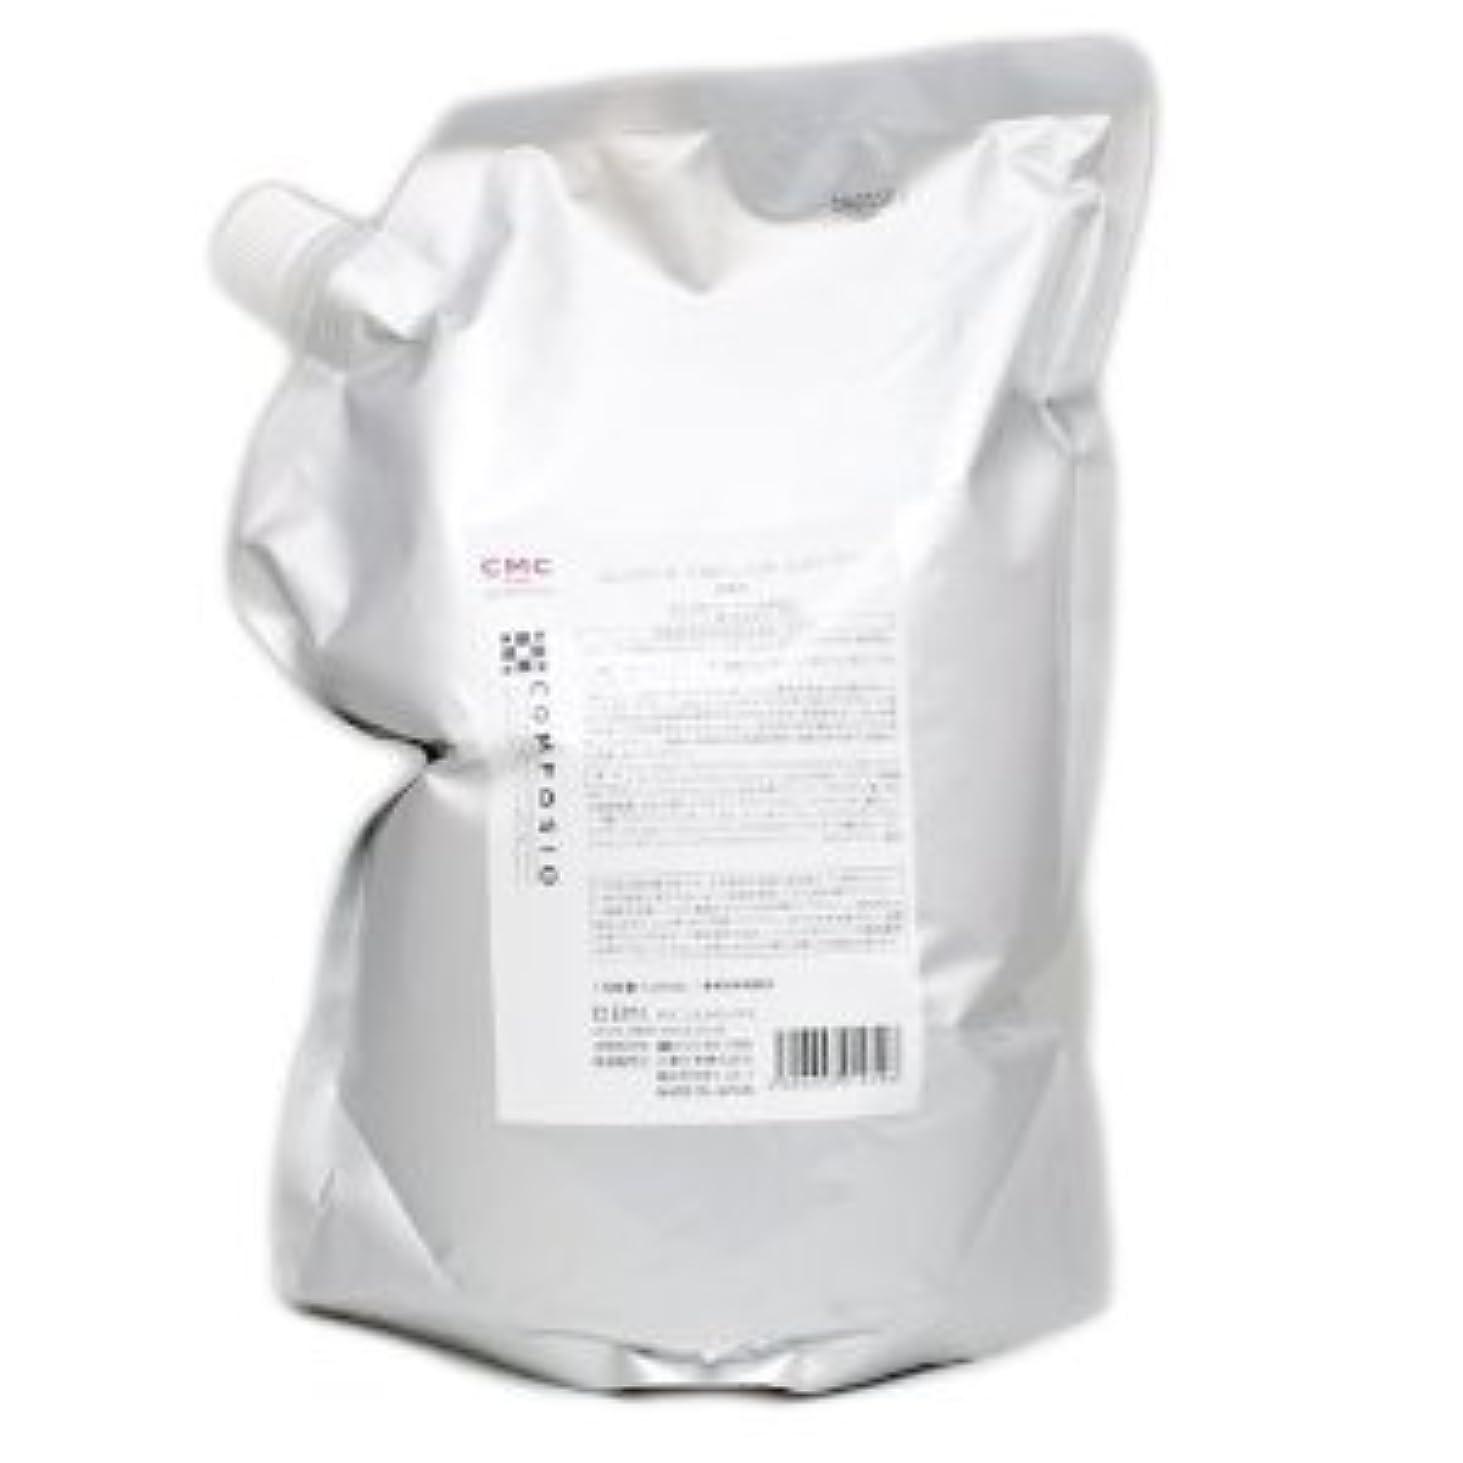 甘い浸透する麺デミ コンポジオ CMCリペアシャンプー 2000ml(詰替) DEMI COMPOSIO